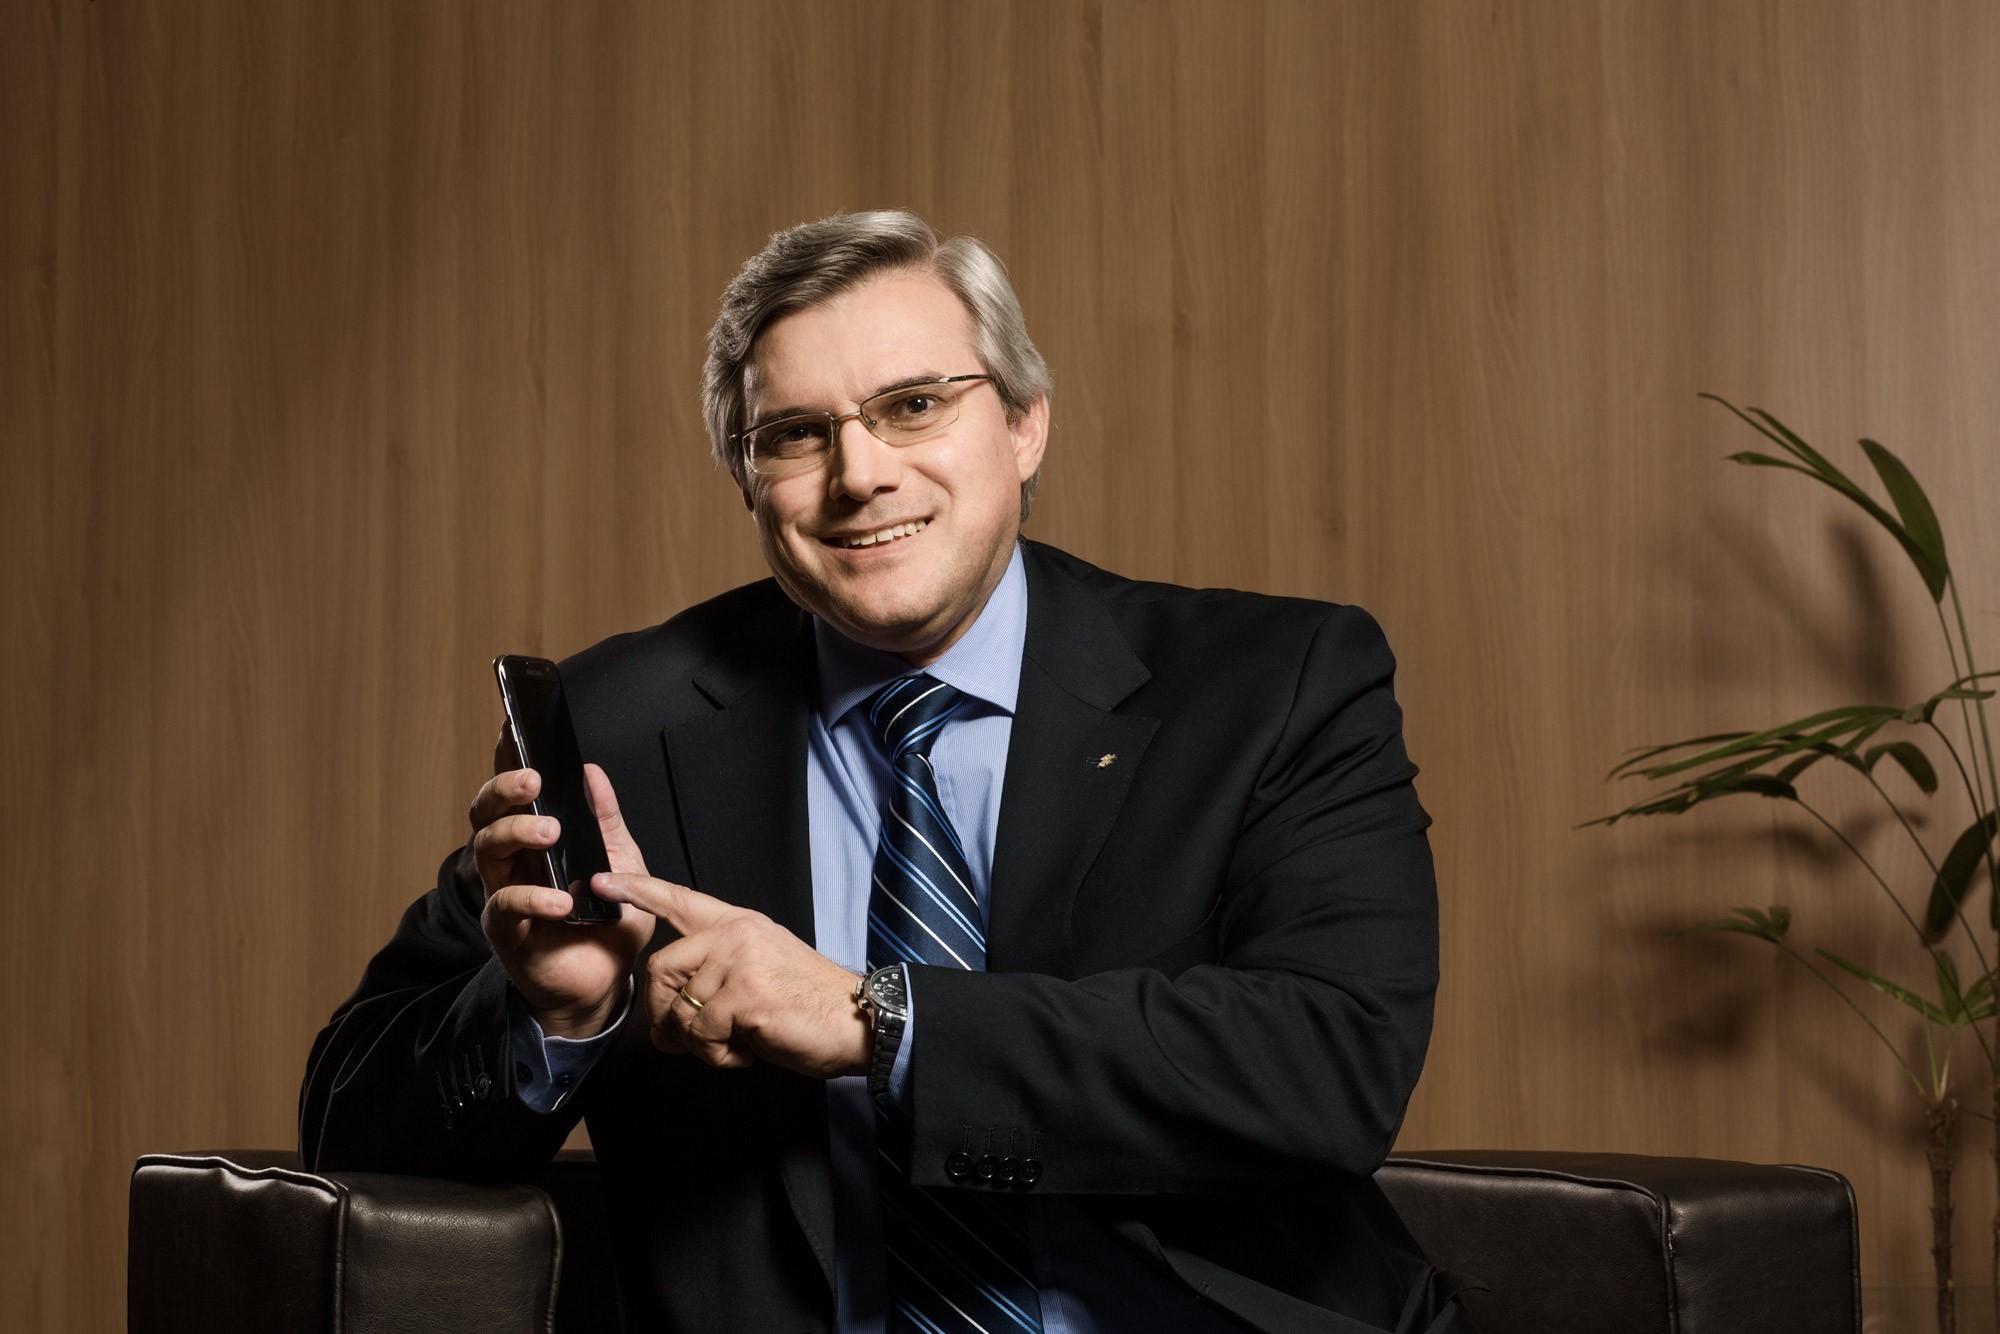 Marco Túlio destaca o pioneirismo do BB (Foto: Divulgação)